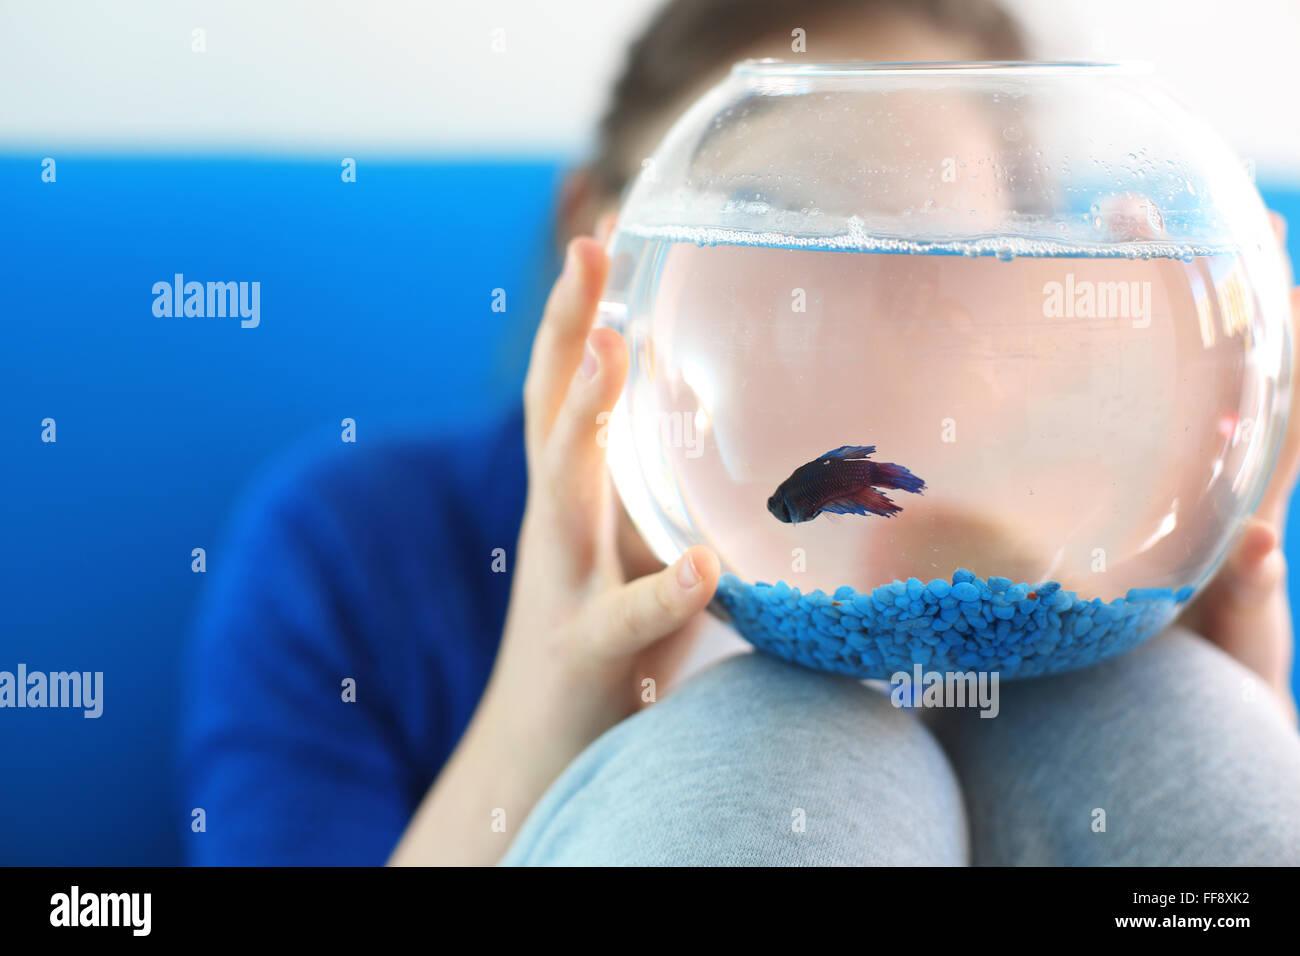 Ich möchte zu streicheln.... Kind hält eine Kristallkugel mit blauen Fisch Stockfoto